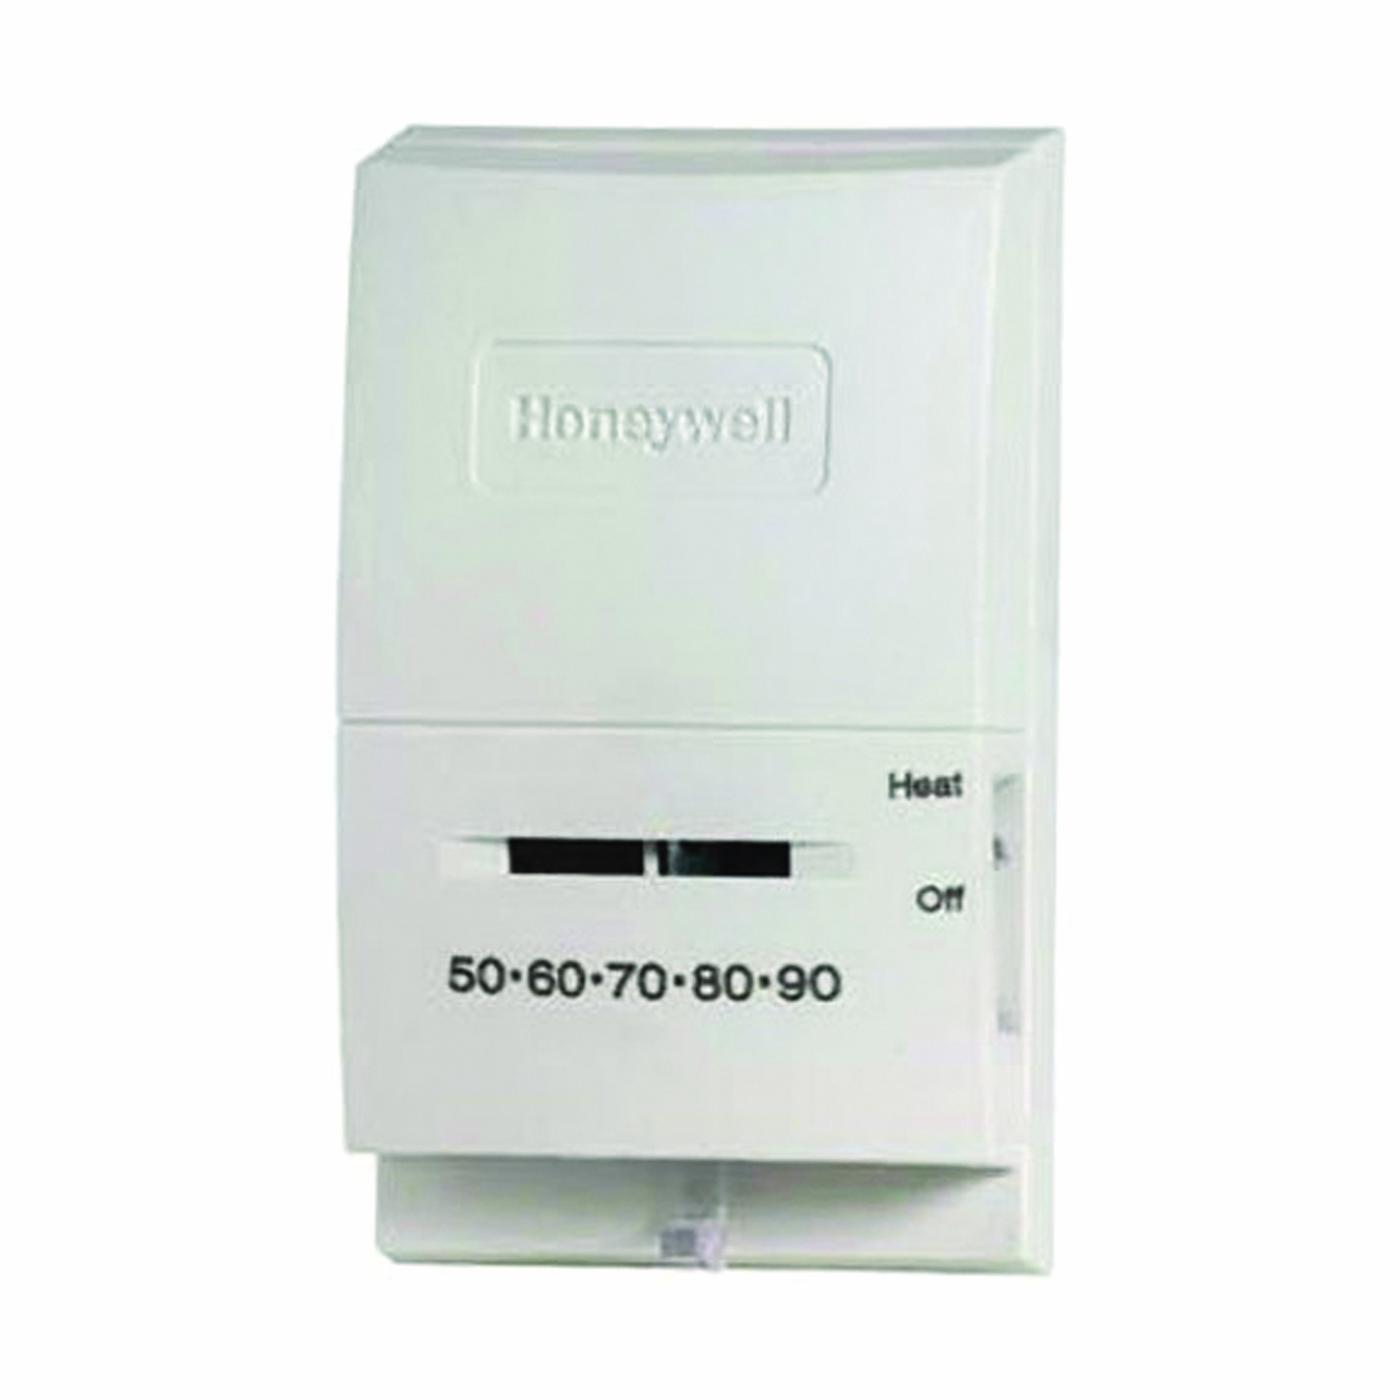 Honeywell CT53K1006/E1